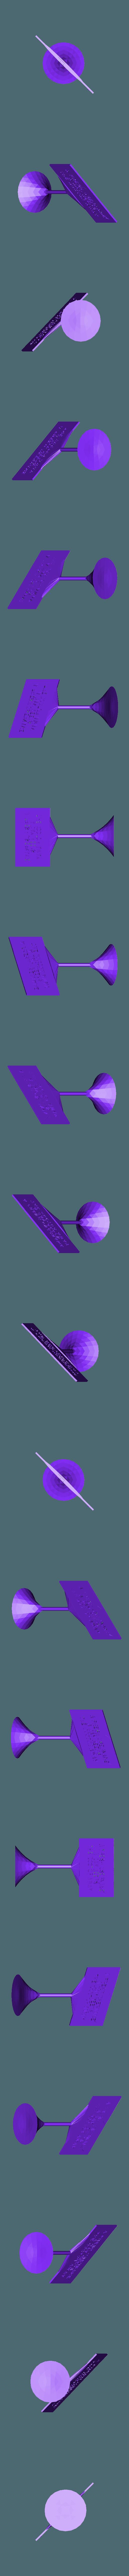 username1fix.stl Télécharger fichier STL gratuit nom d'utilisateur • Modèle pour impression 3D, syzguru11